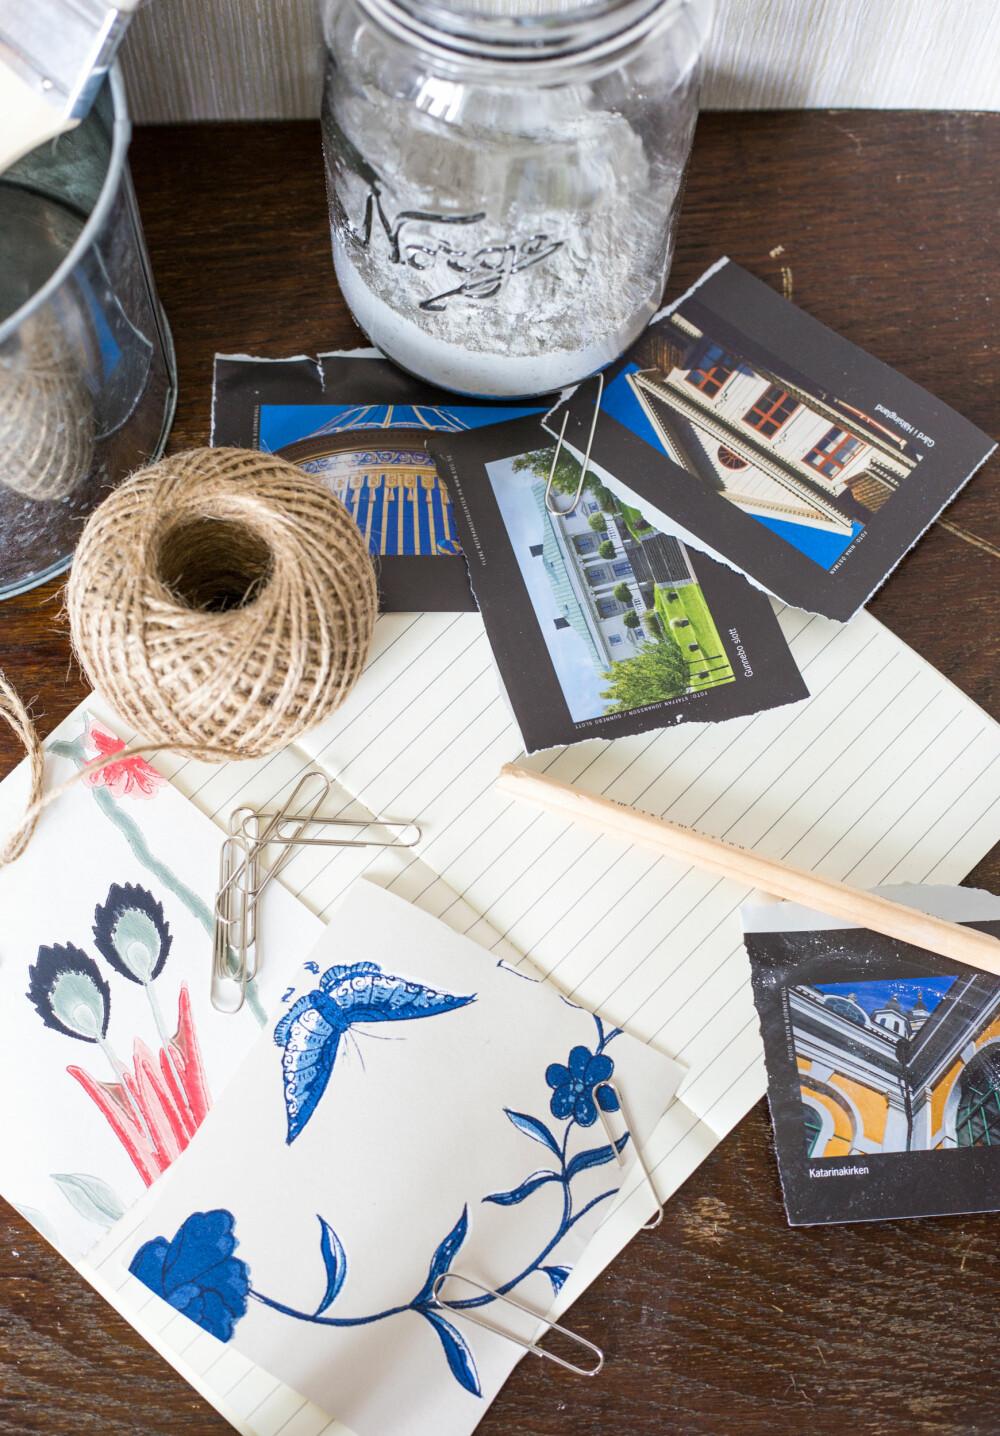 NOTATBLOKK: Kjøp deg en notatbok hvor du limer inn bilder som inspirerer deg underveis i planleggingen. Noter ned farger og tapetnavn du kommer over. (FOTO: Lise M Stang-Jacobsen/@Hverdagslykkelise)